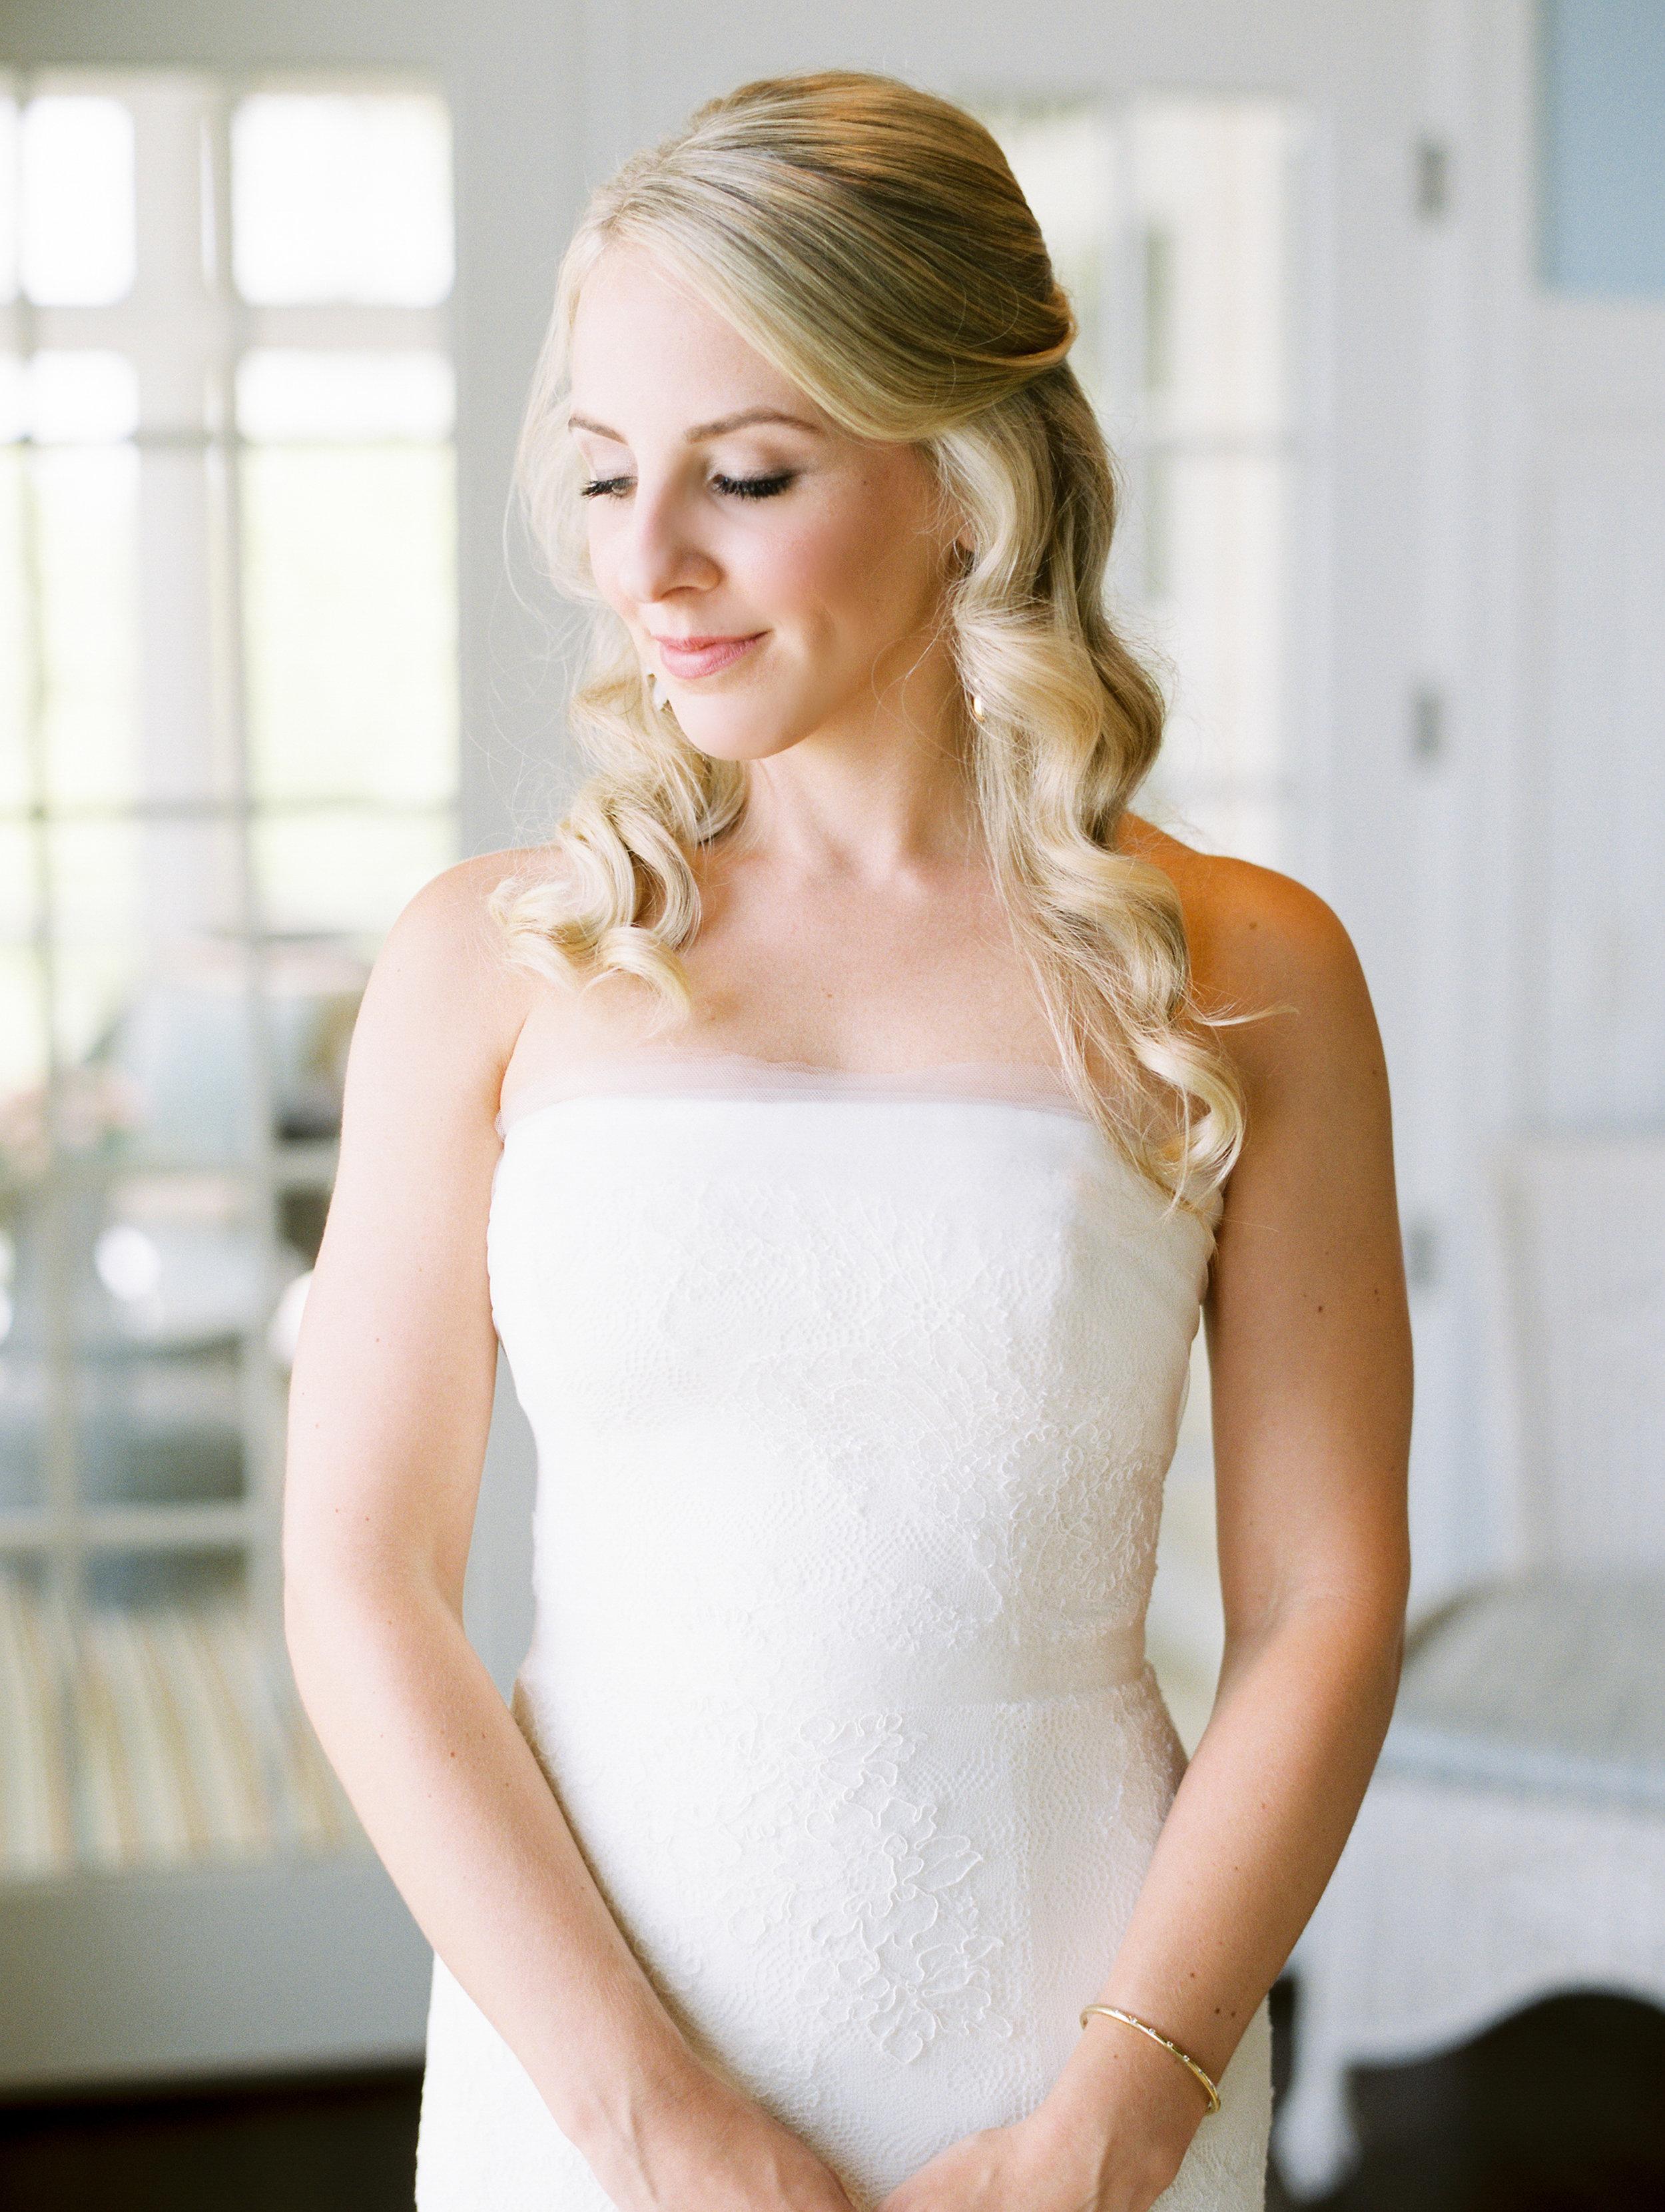 Coffman+Wedding+Getting+Ready+Girls-168.jpg